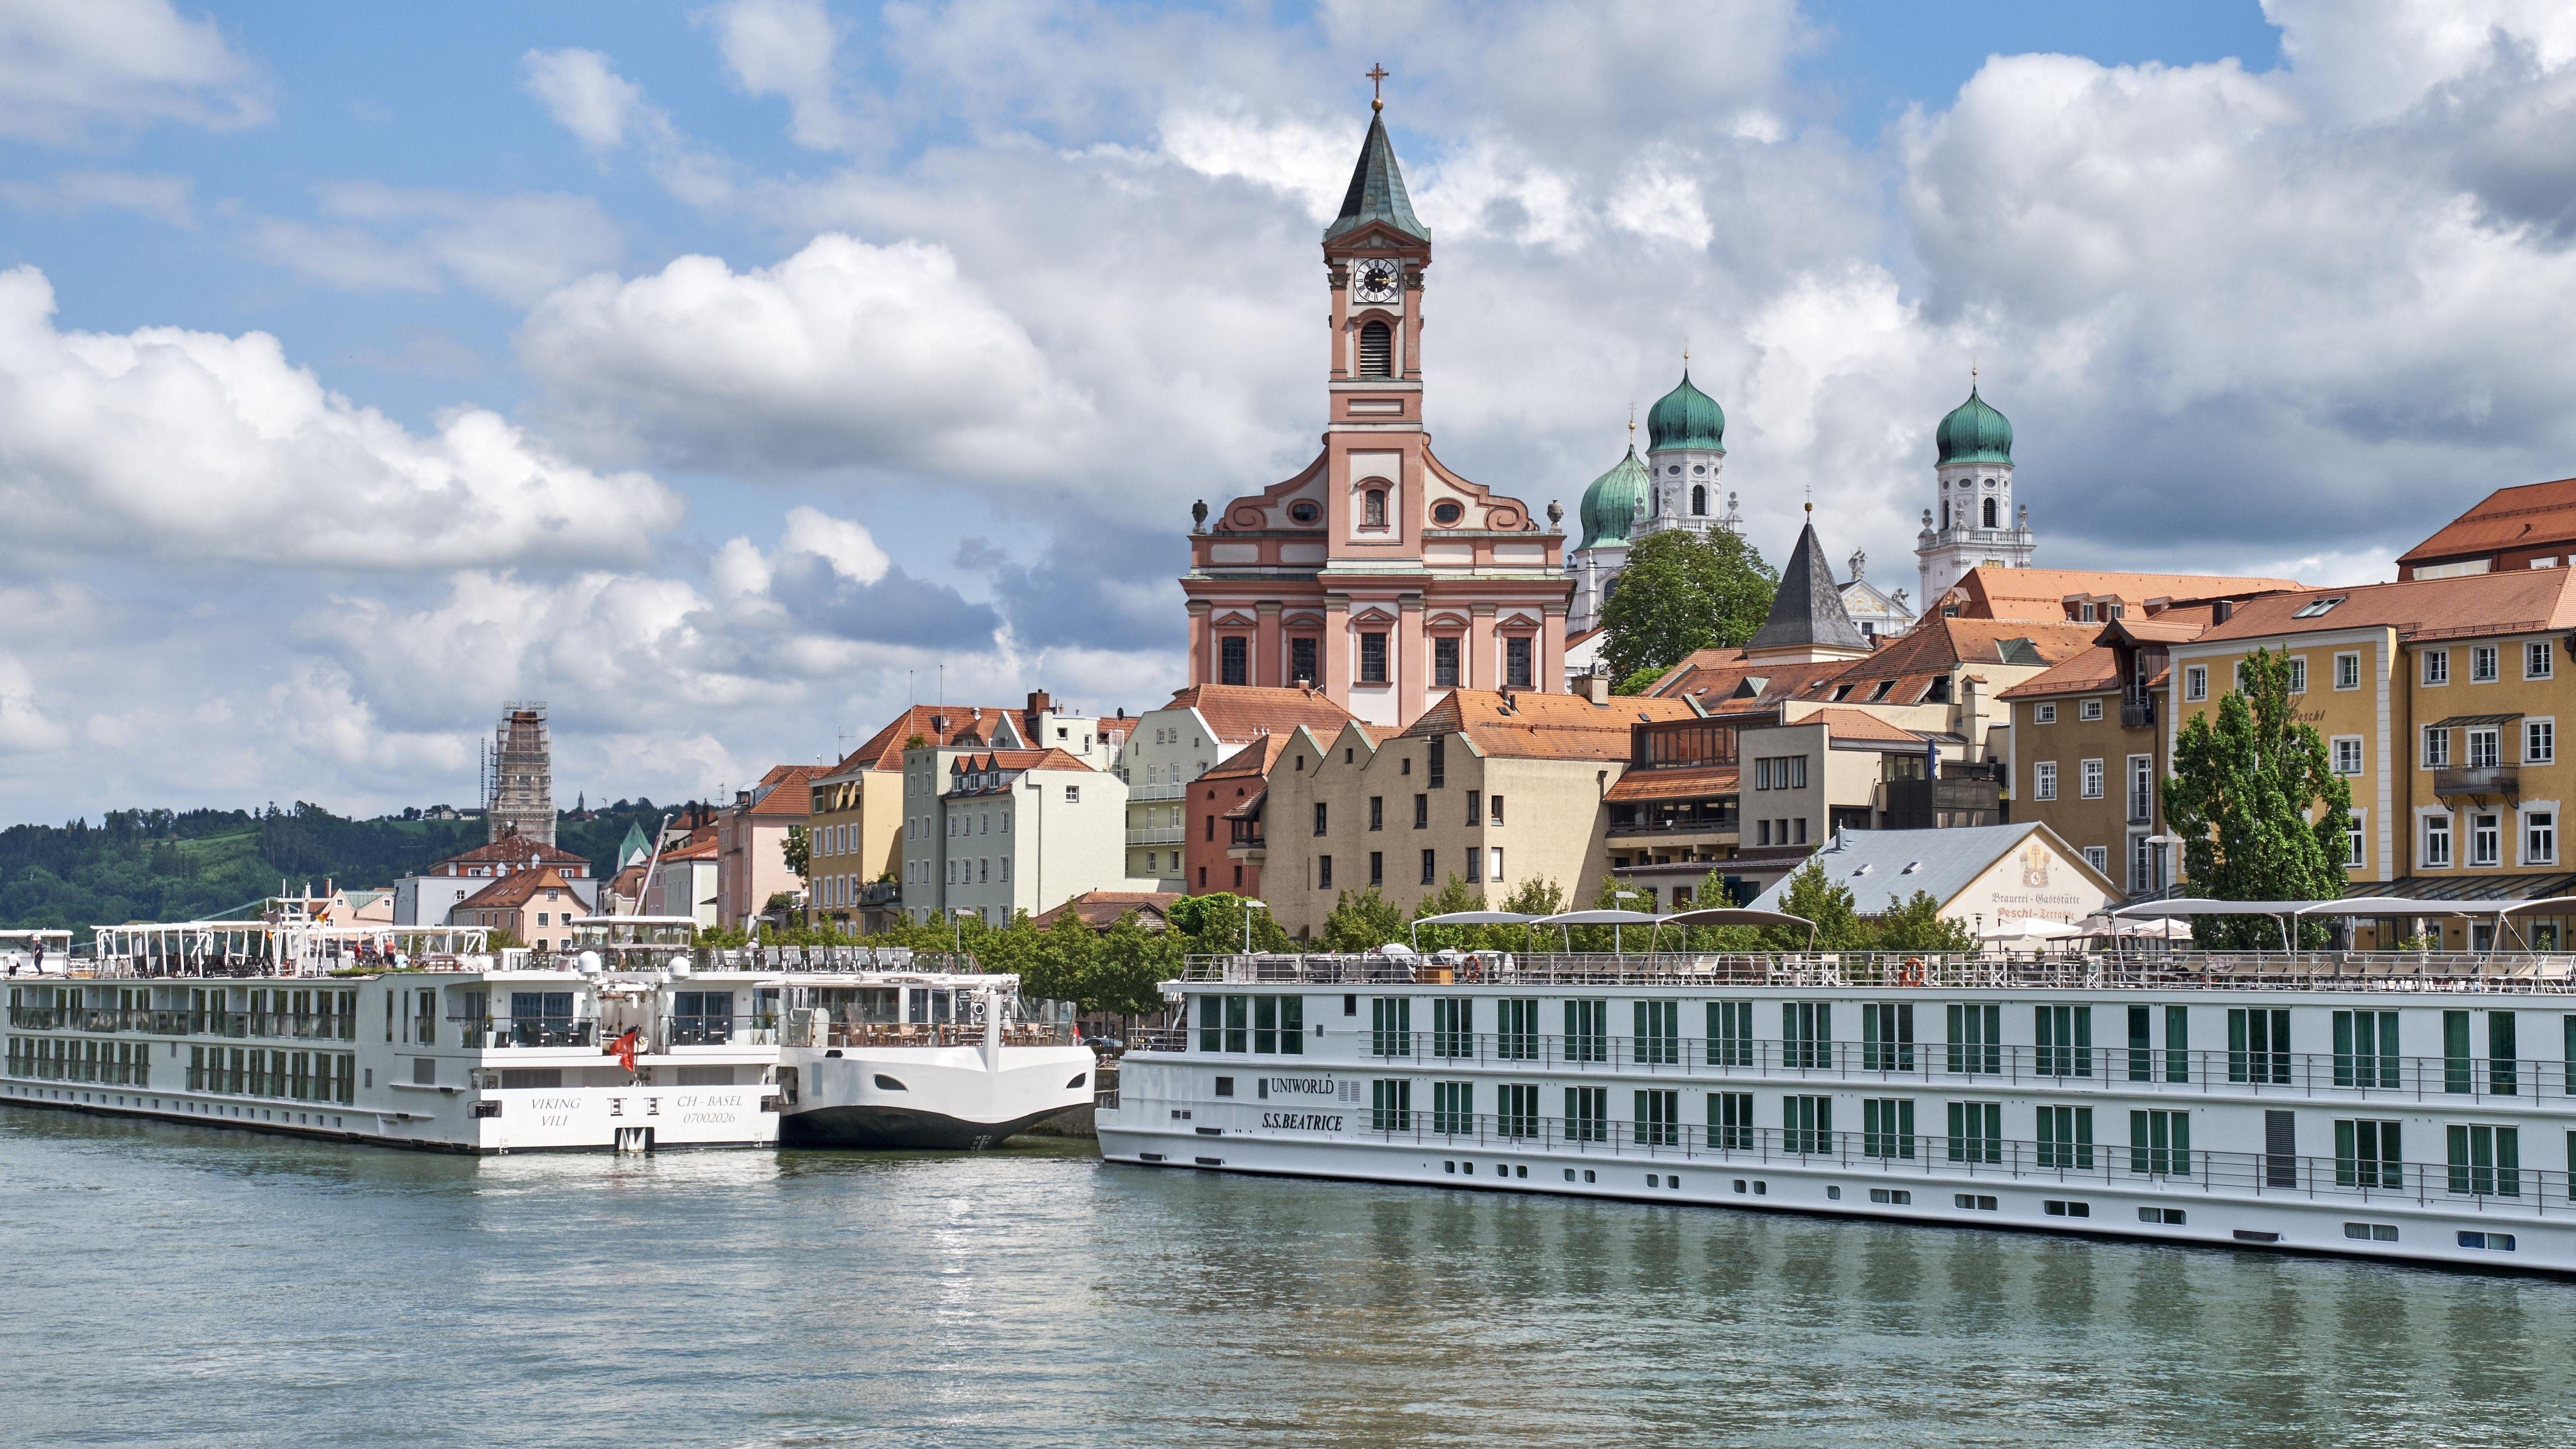 Blick über die Donau auf Schiffsanlegestelle mit Flusskreuzfahrtschiffen, zur Altstadt von Passau.